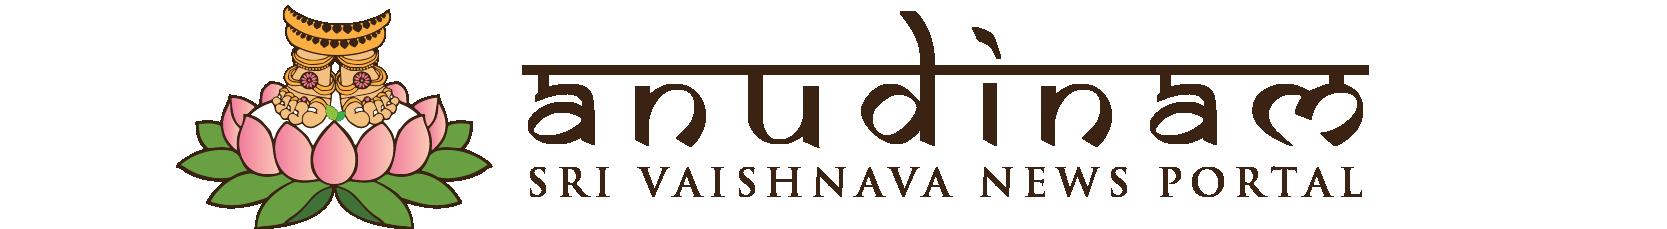 Anudinam.org